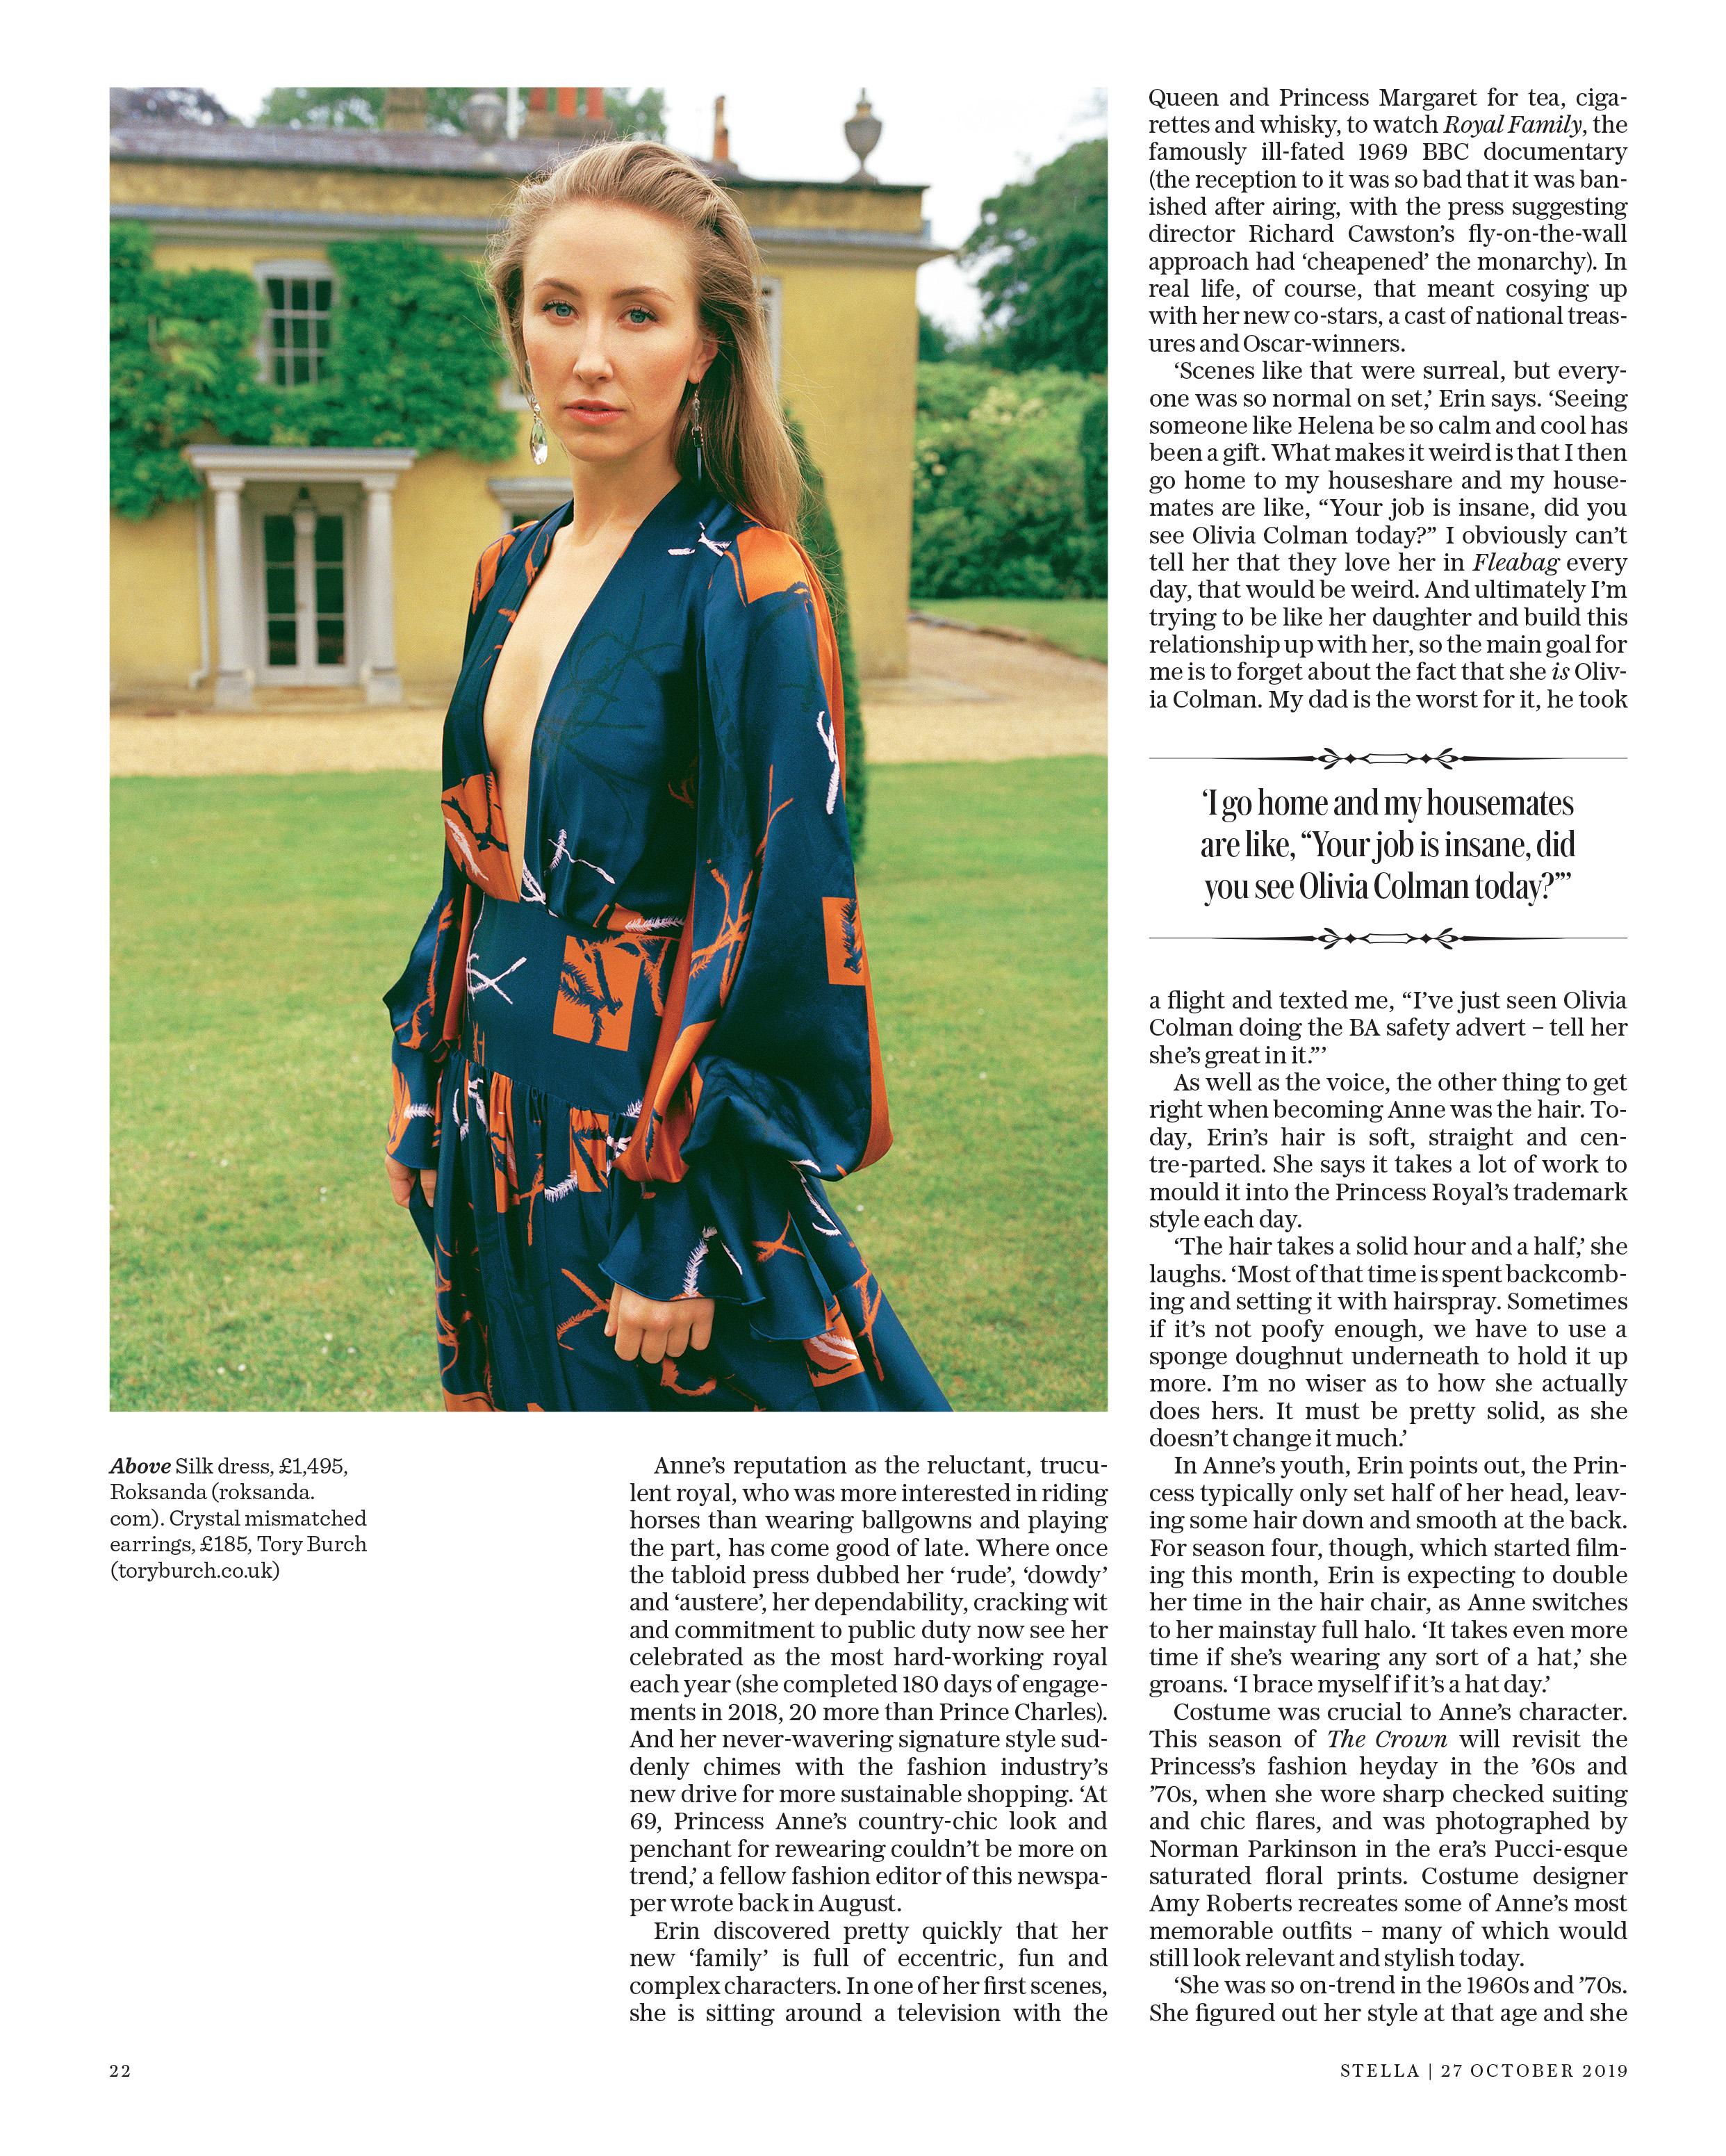 ERIN2Sunday Telegraph Magazine_27-10-2019_Main_1st_p22